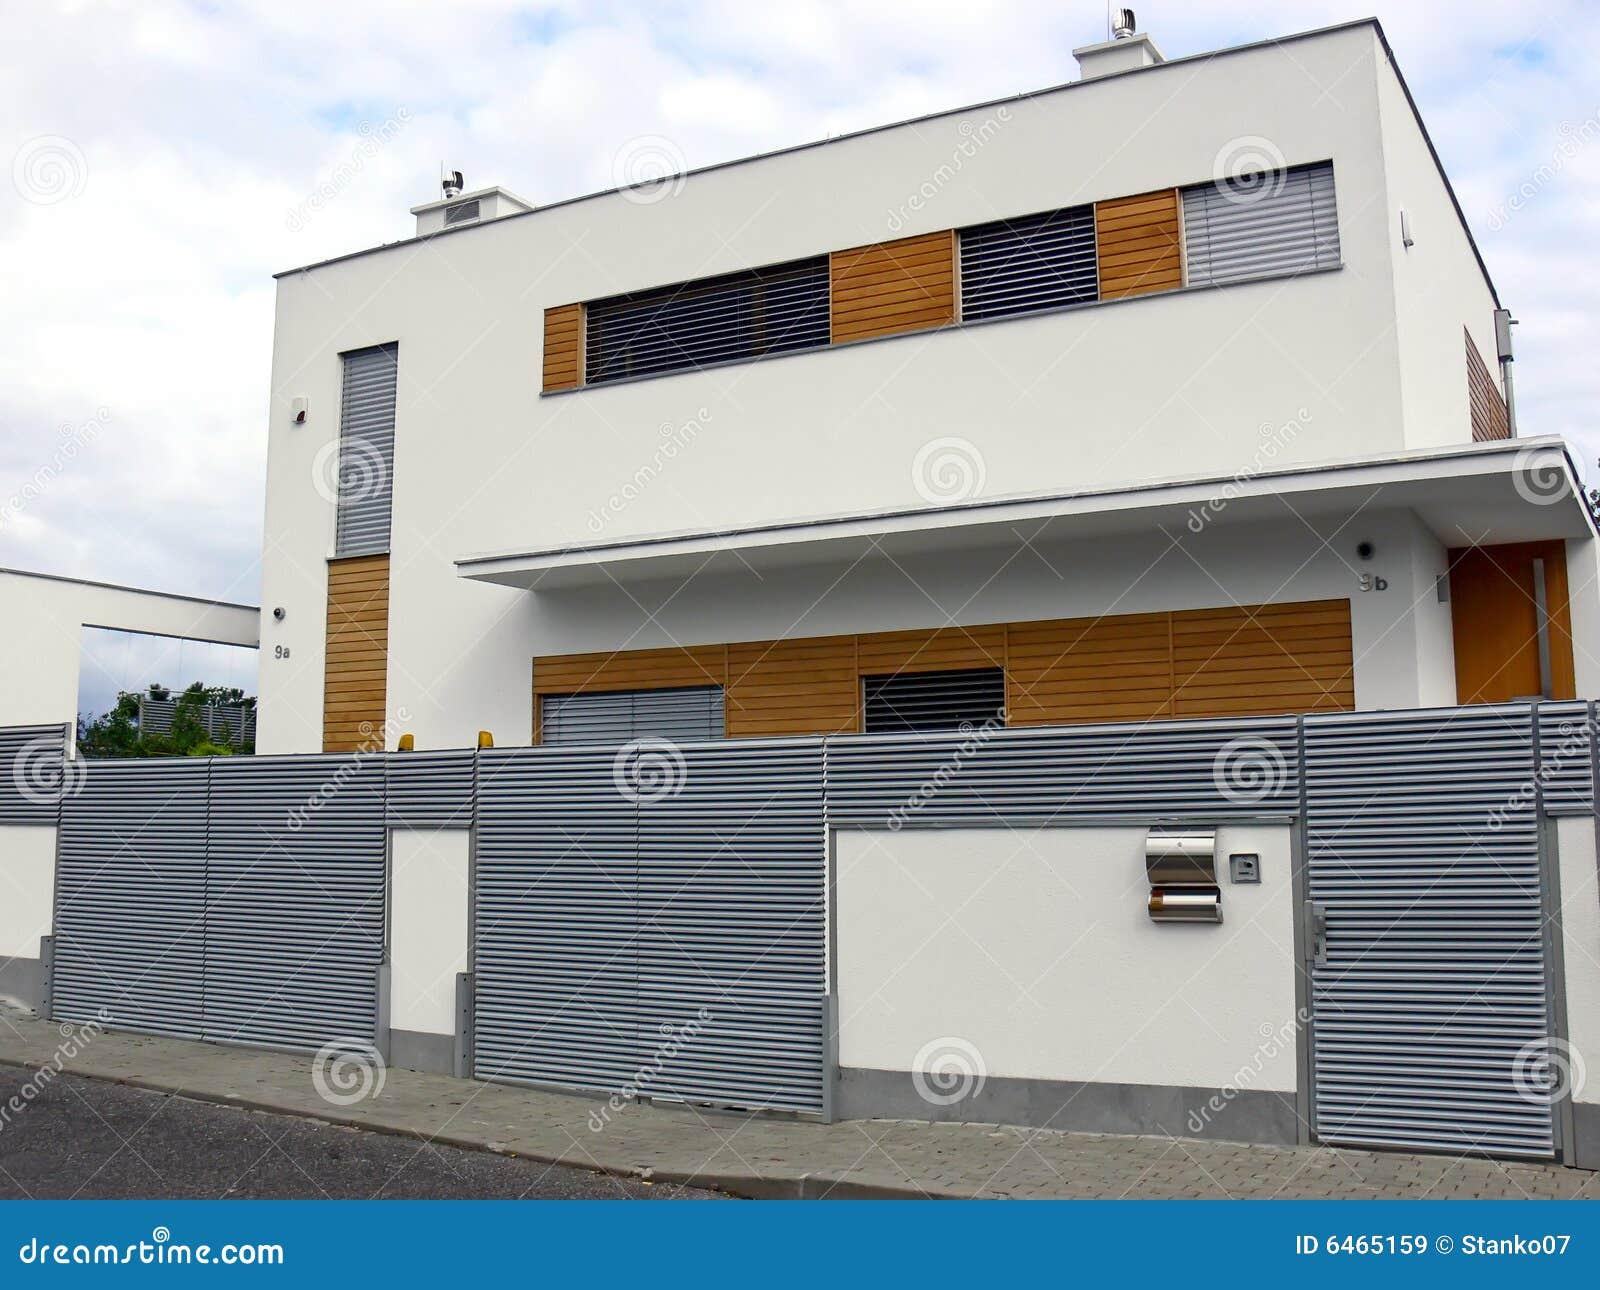 Modernes haus lizenzfreie stockbilder bild 6465159 for Modernes luxushaus